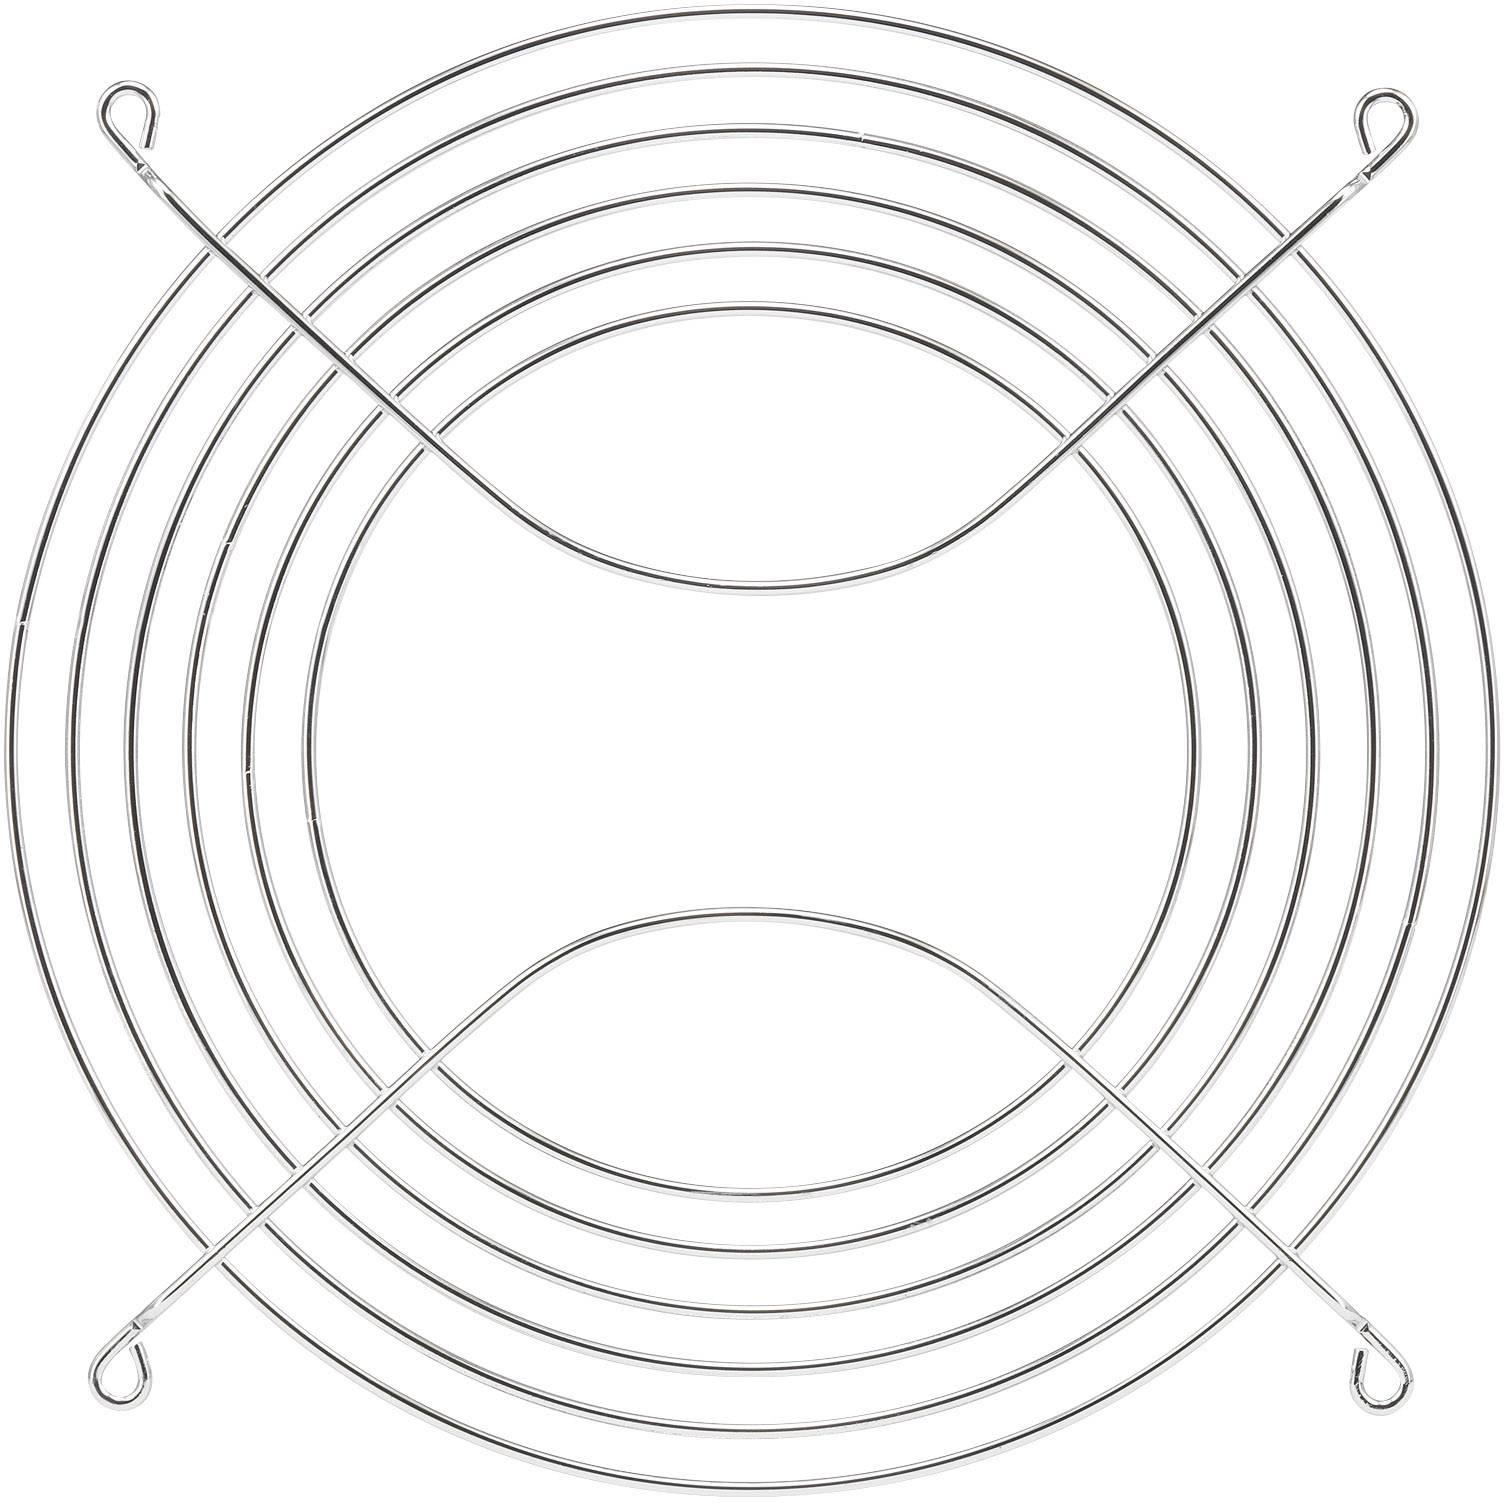 Větrací mřížka PROFAN Technology 1408559, (š x v) 200 mm x 200 mm, kov, 1 ks